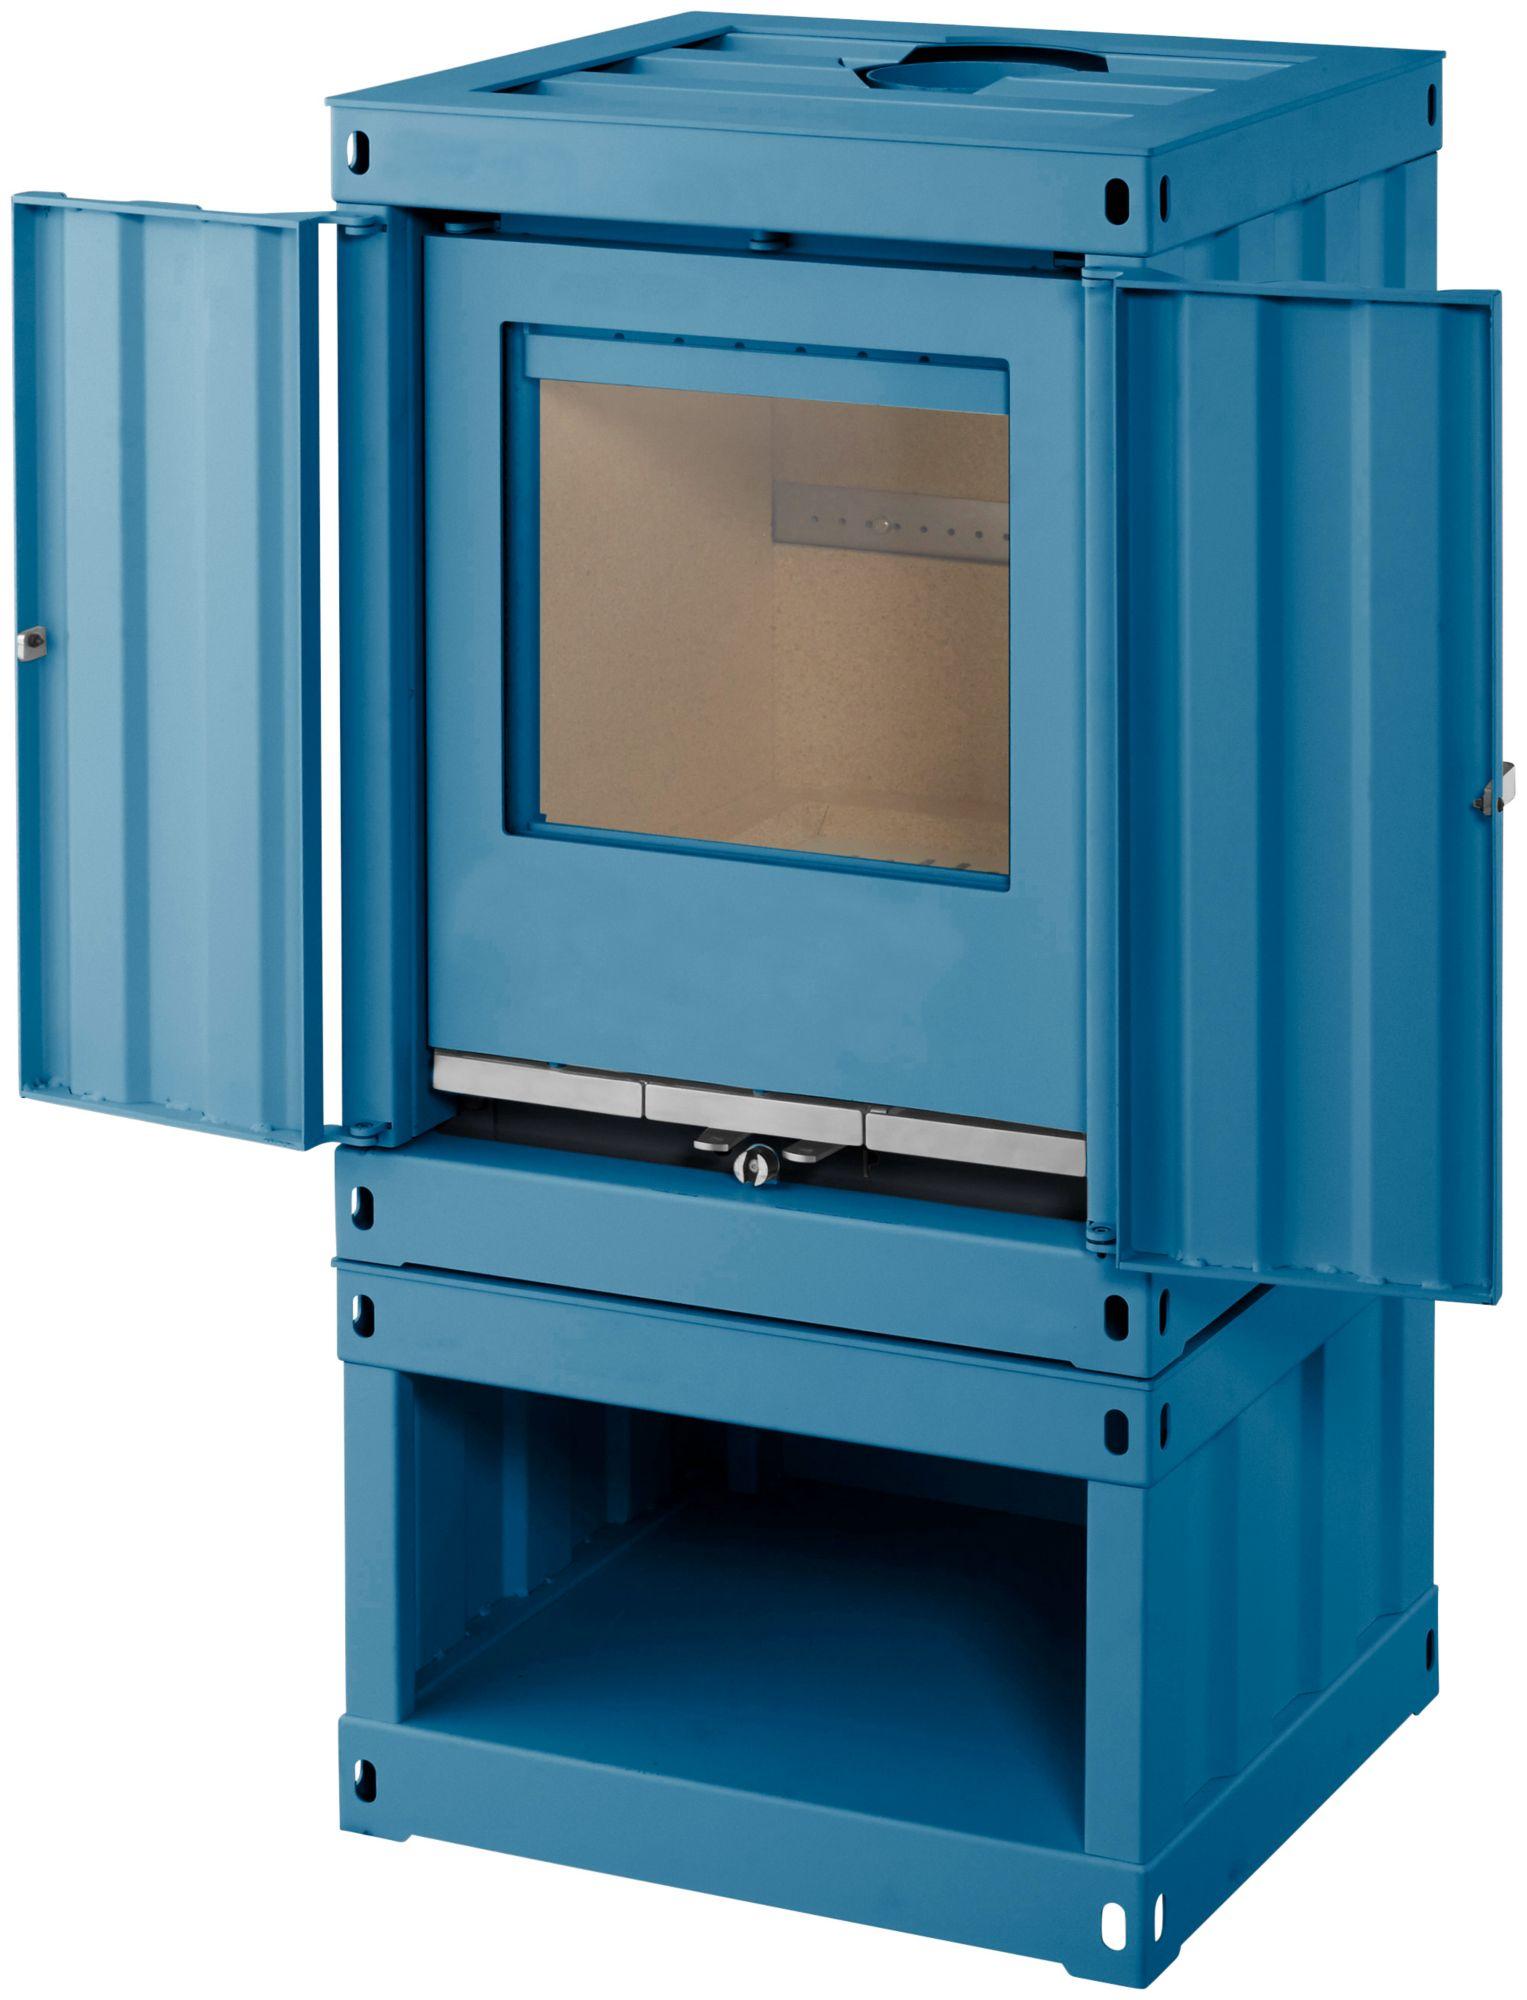 COLOR EMAJL  Kaminofen »Rotterdam«, Stahl blau, 5 kW, ext. Luftzufuhr, Containerstyle